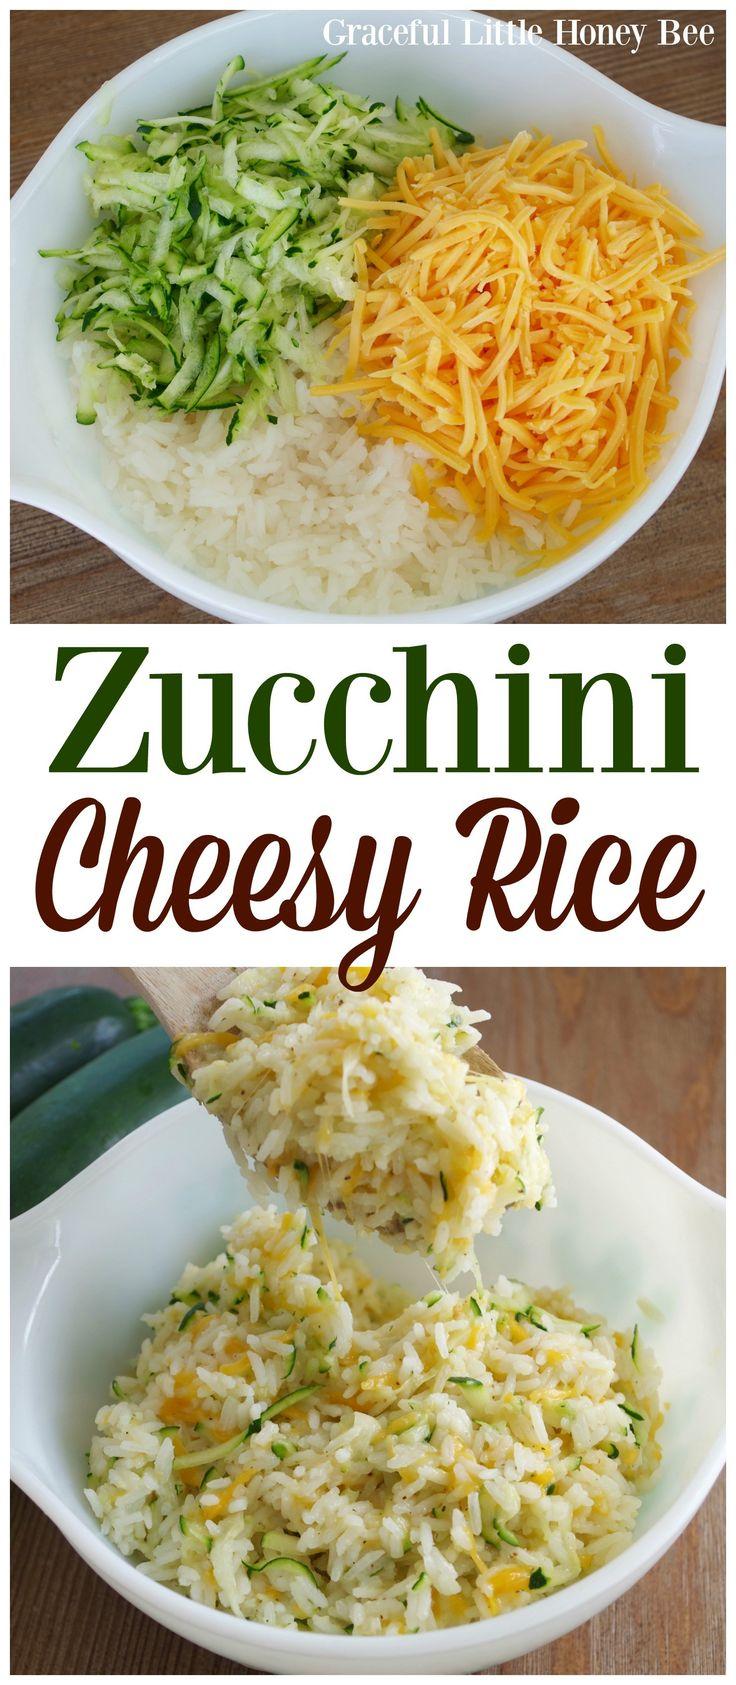 Zucchini Cheesy Rice